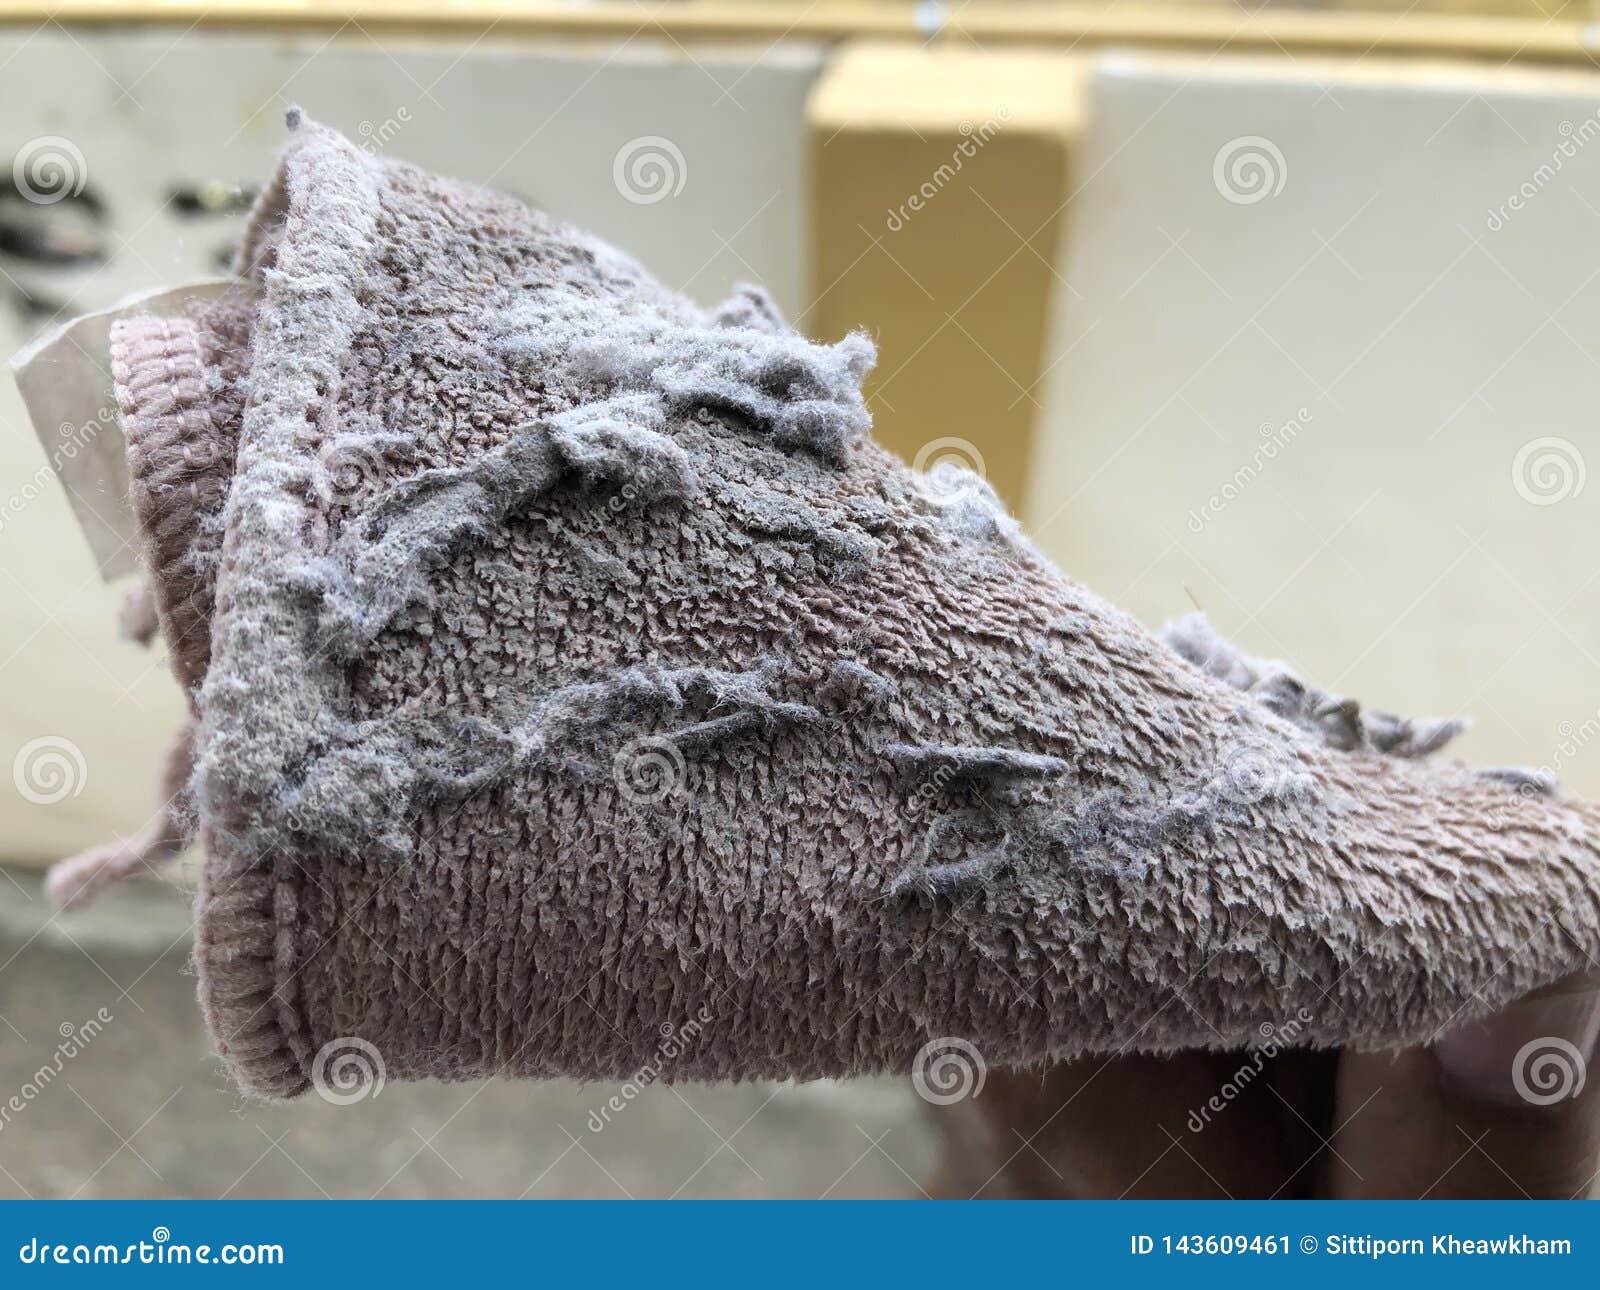 Καφετής σκουπίστε το ύφασμα για τον καθαρισμό της σκόνης